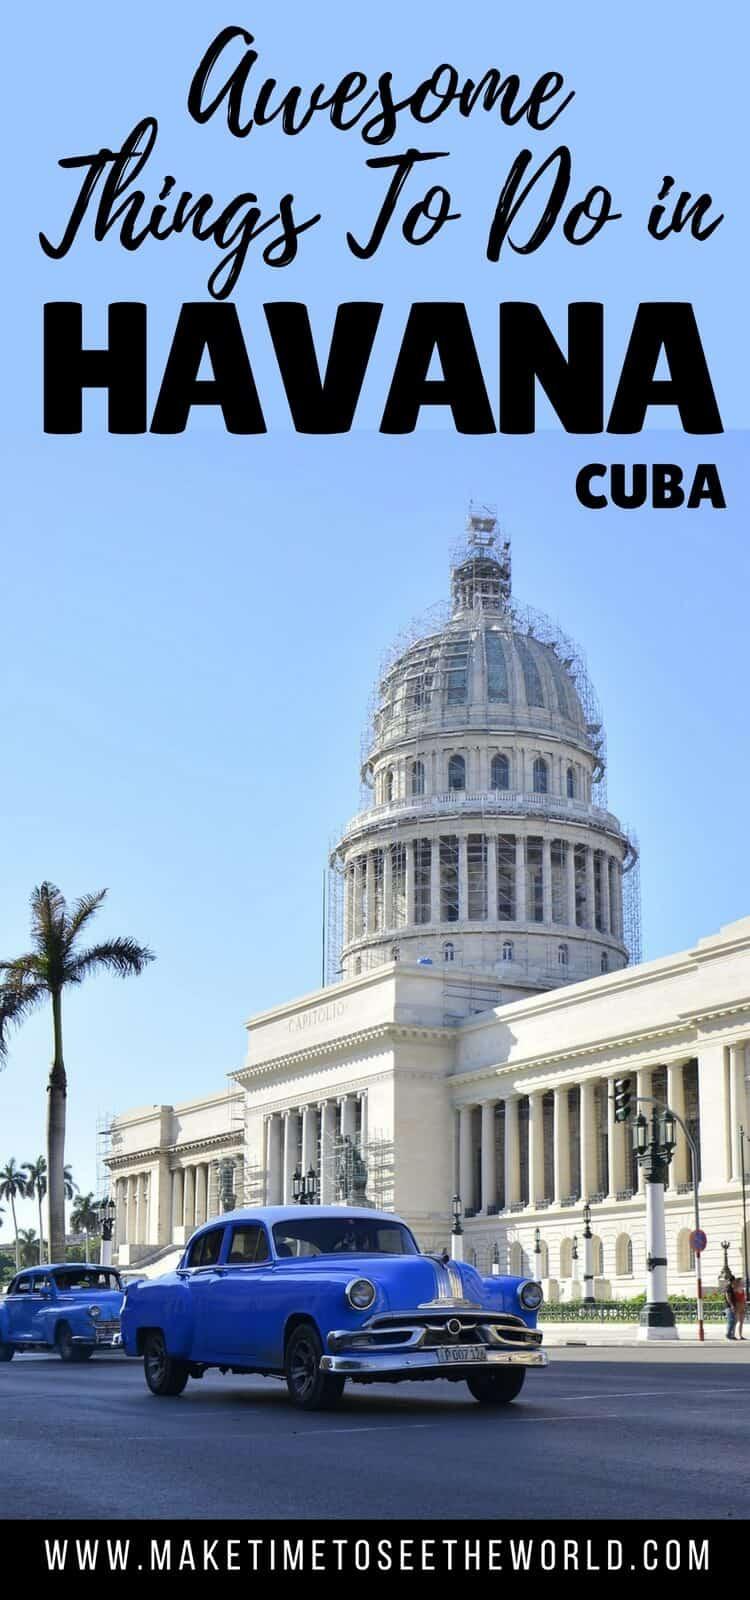 Points of Interest in Havana Cuba